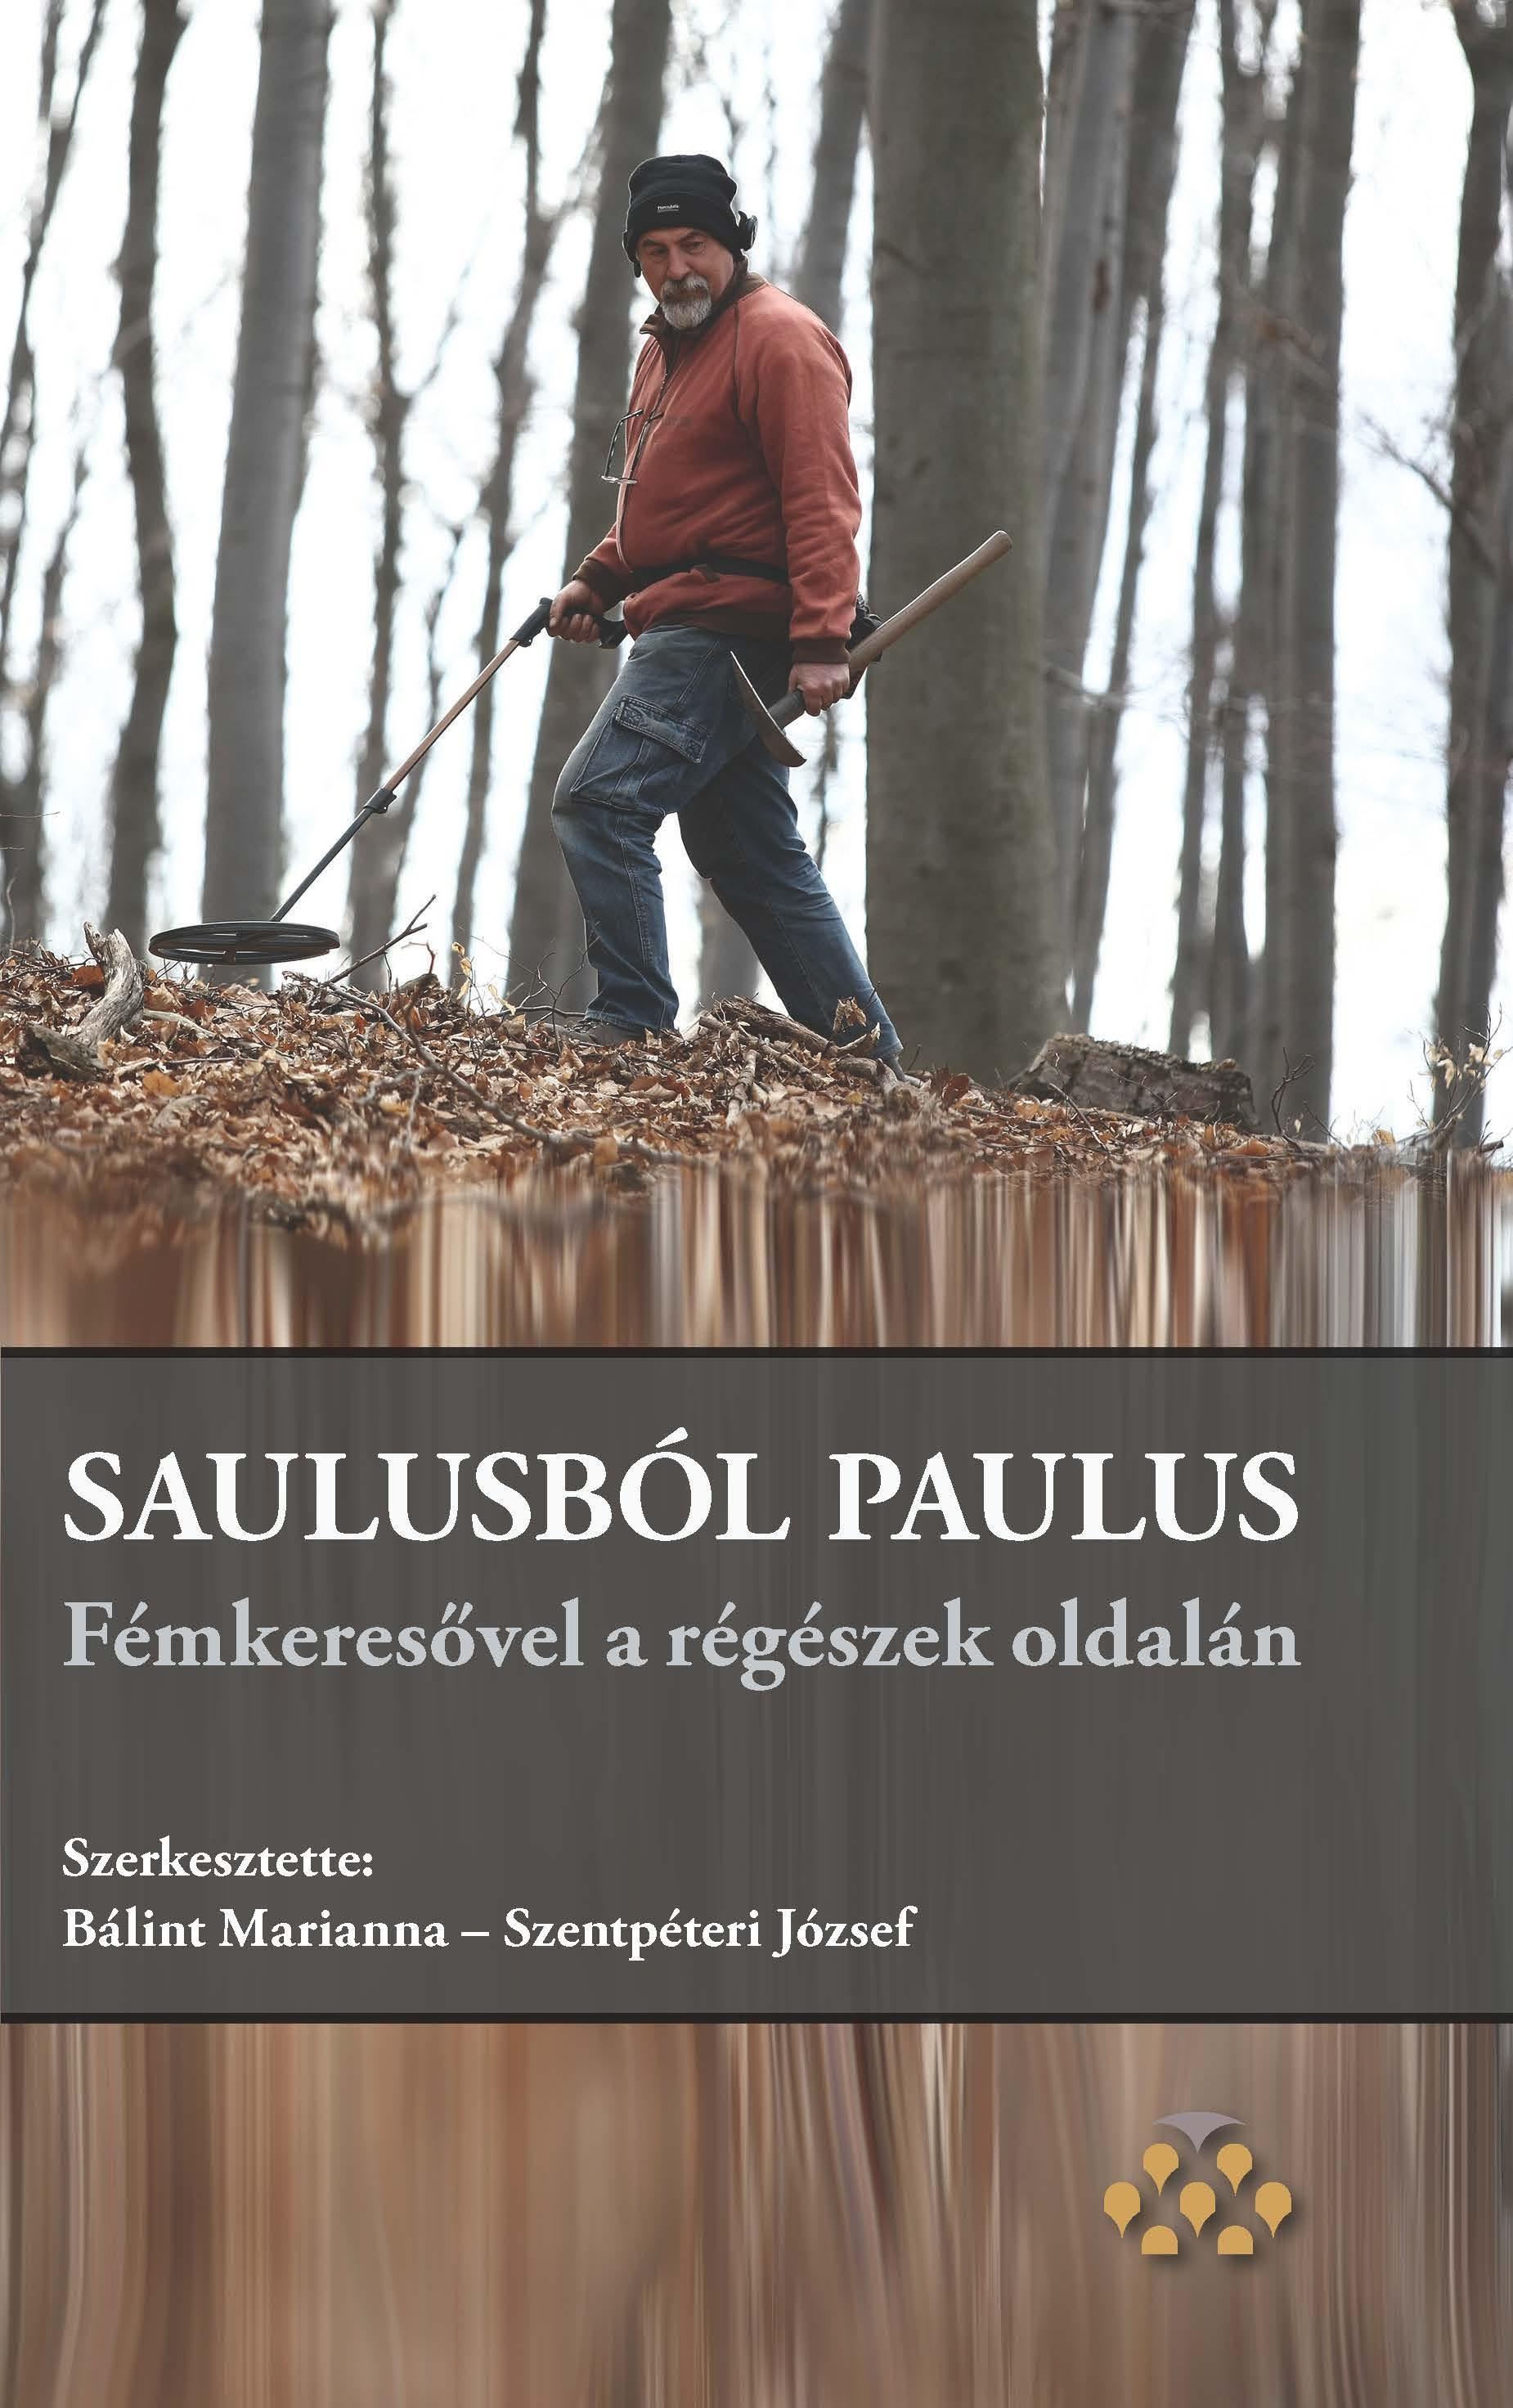 - - SAULUSBÓL PAULUS – FÉMKERESŐVEL A RÉGÉSZEK OLDALÁN